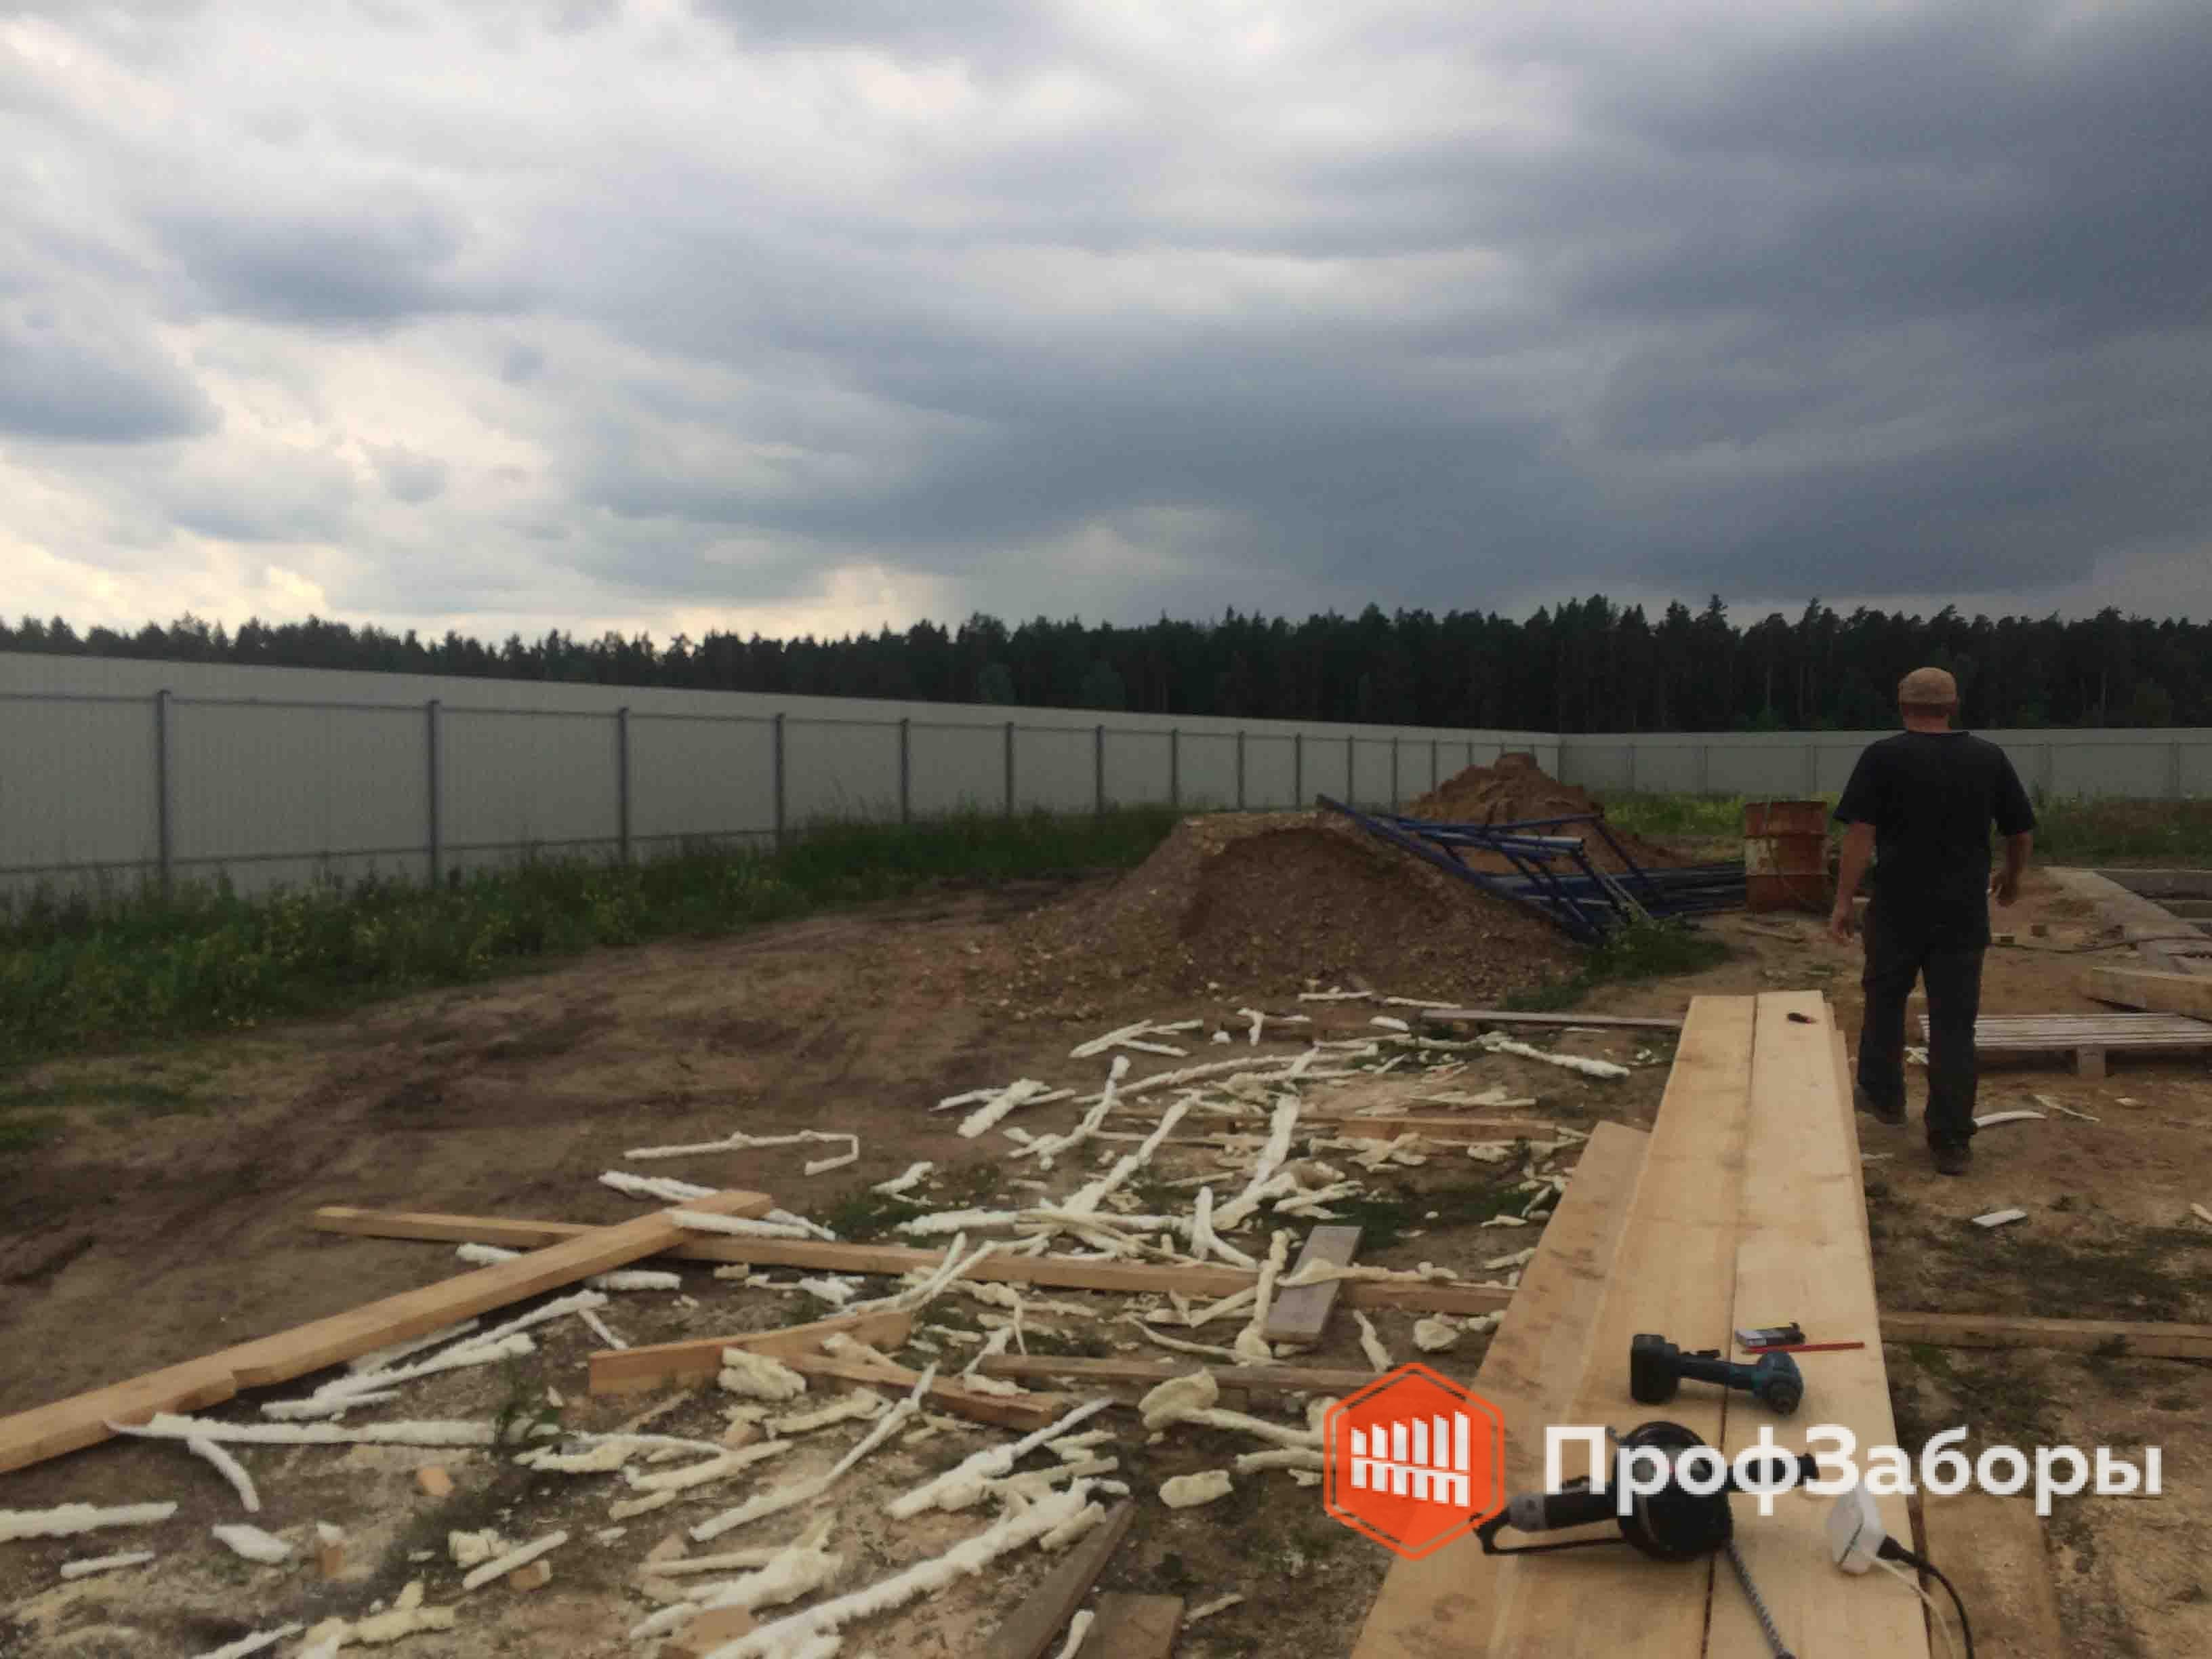 Заборы Из профнастила  - Ивановская область. Фото 3